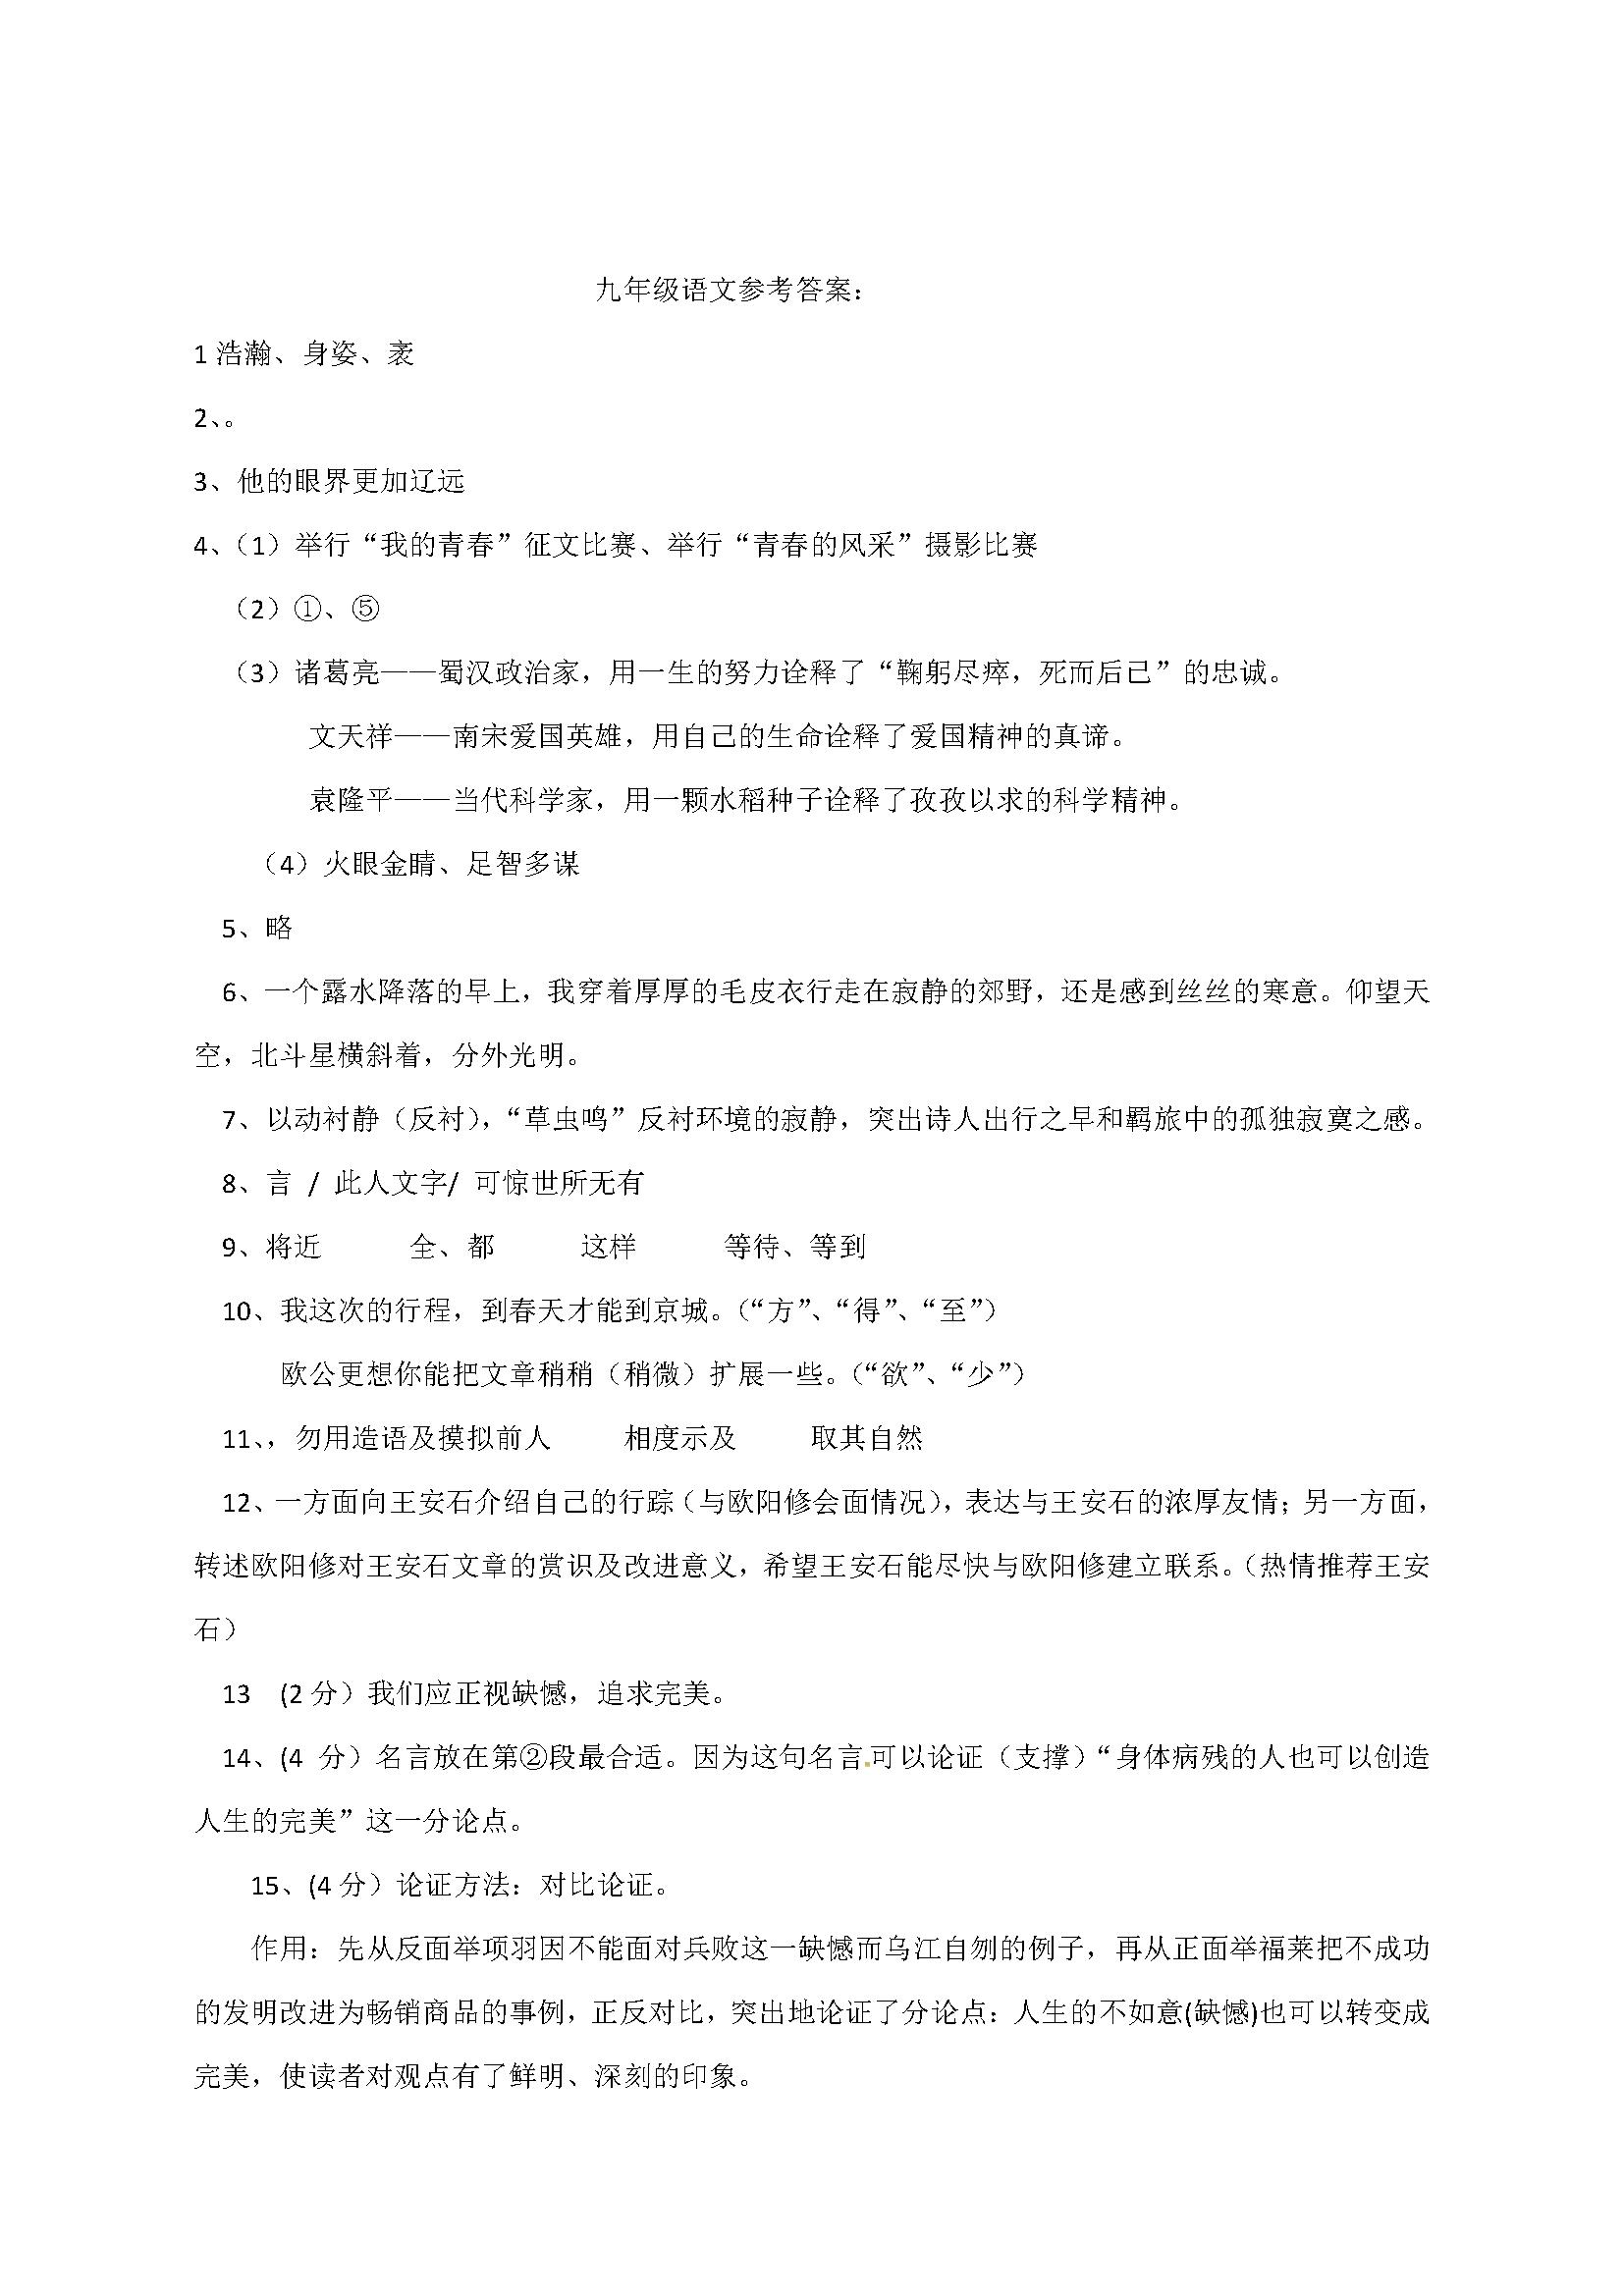 江苏海安曲塘中学附属初级中学2017九年级10月月考语文试题答案(Word版)